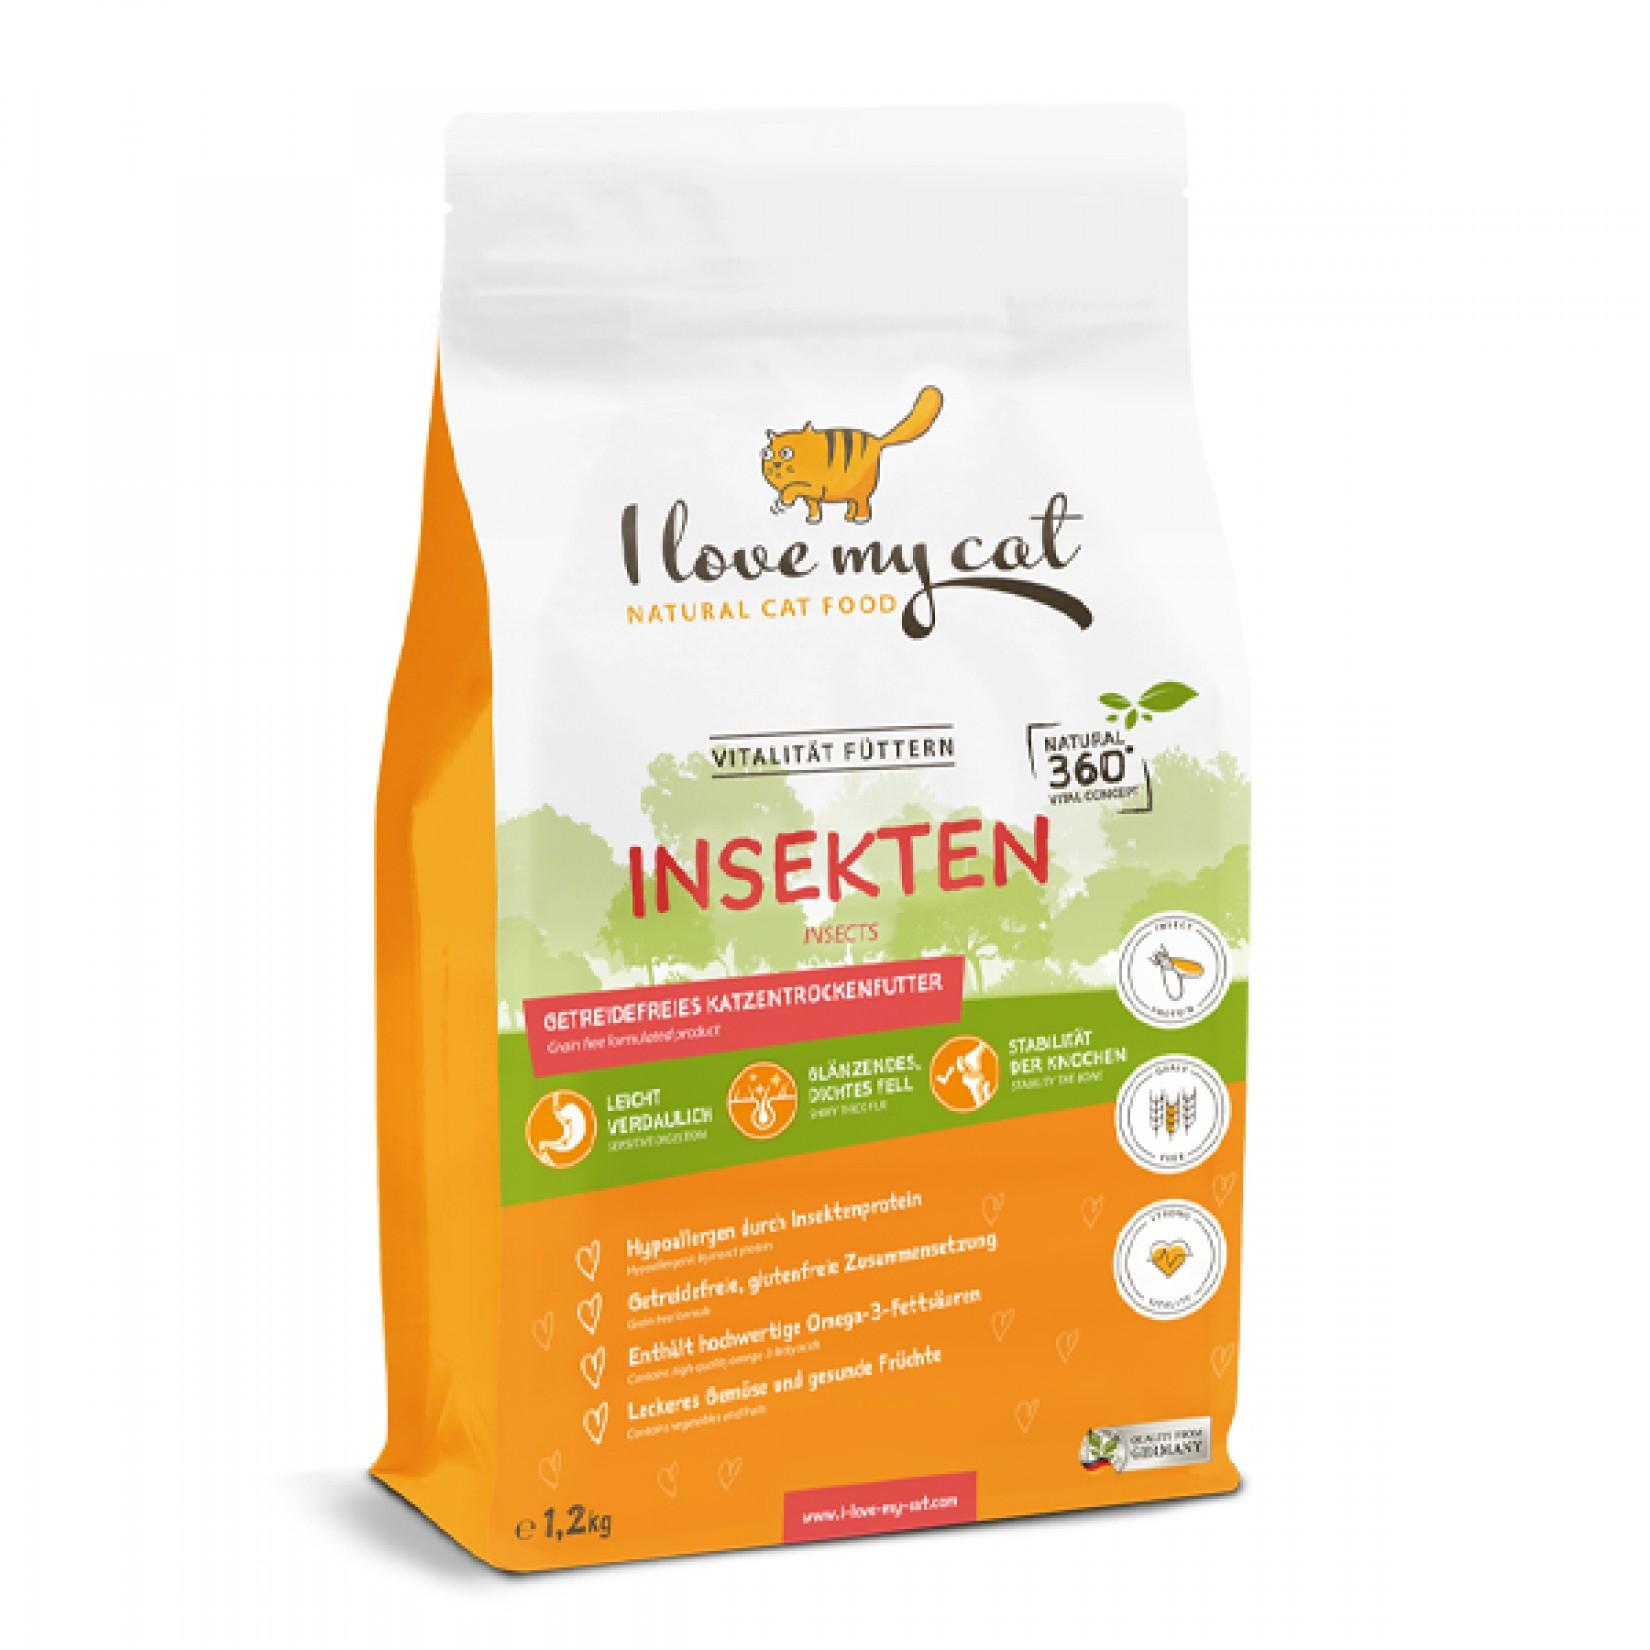 comida gato seca i love my cat insecto natural saudável sem cereais